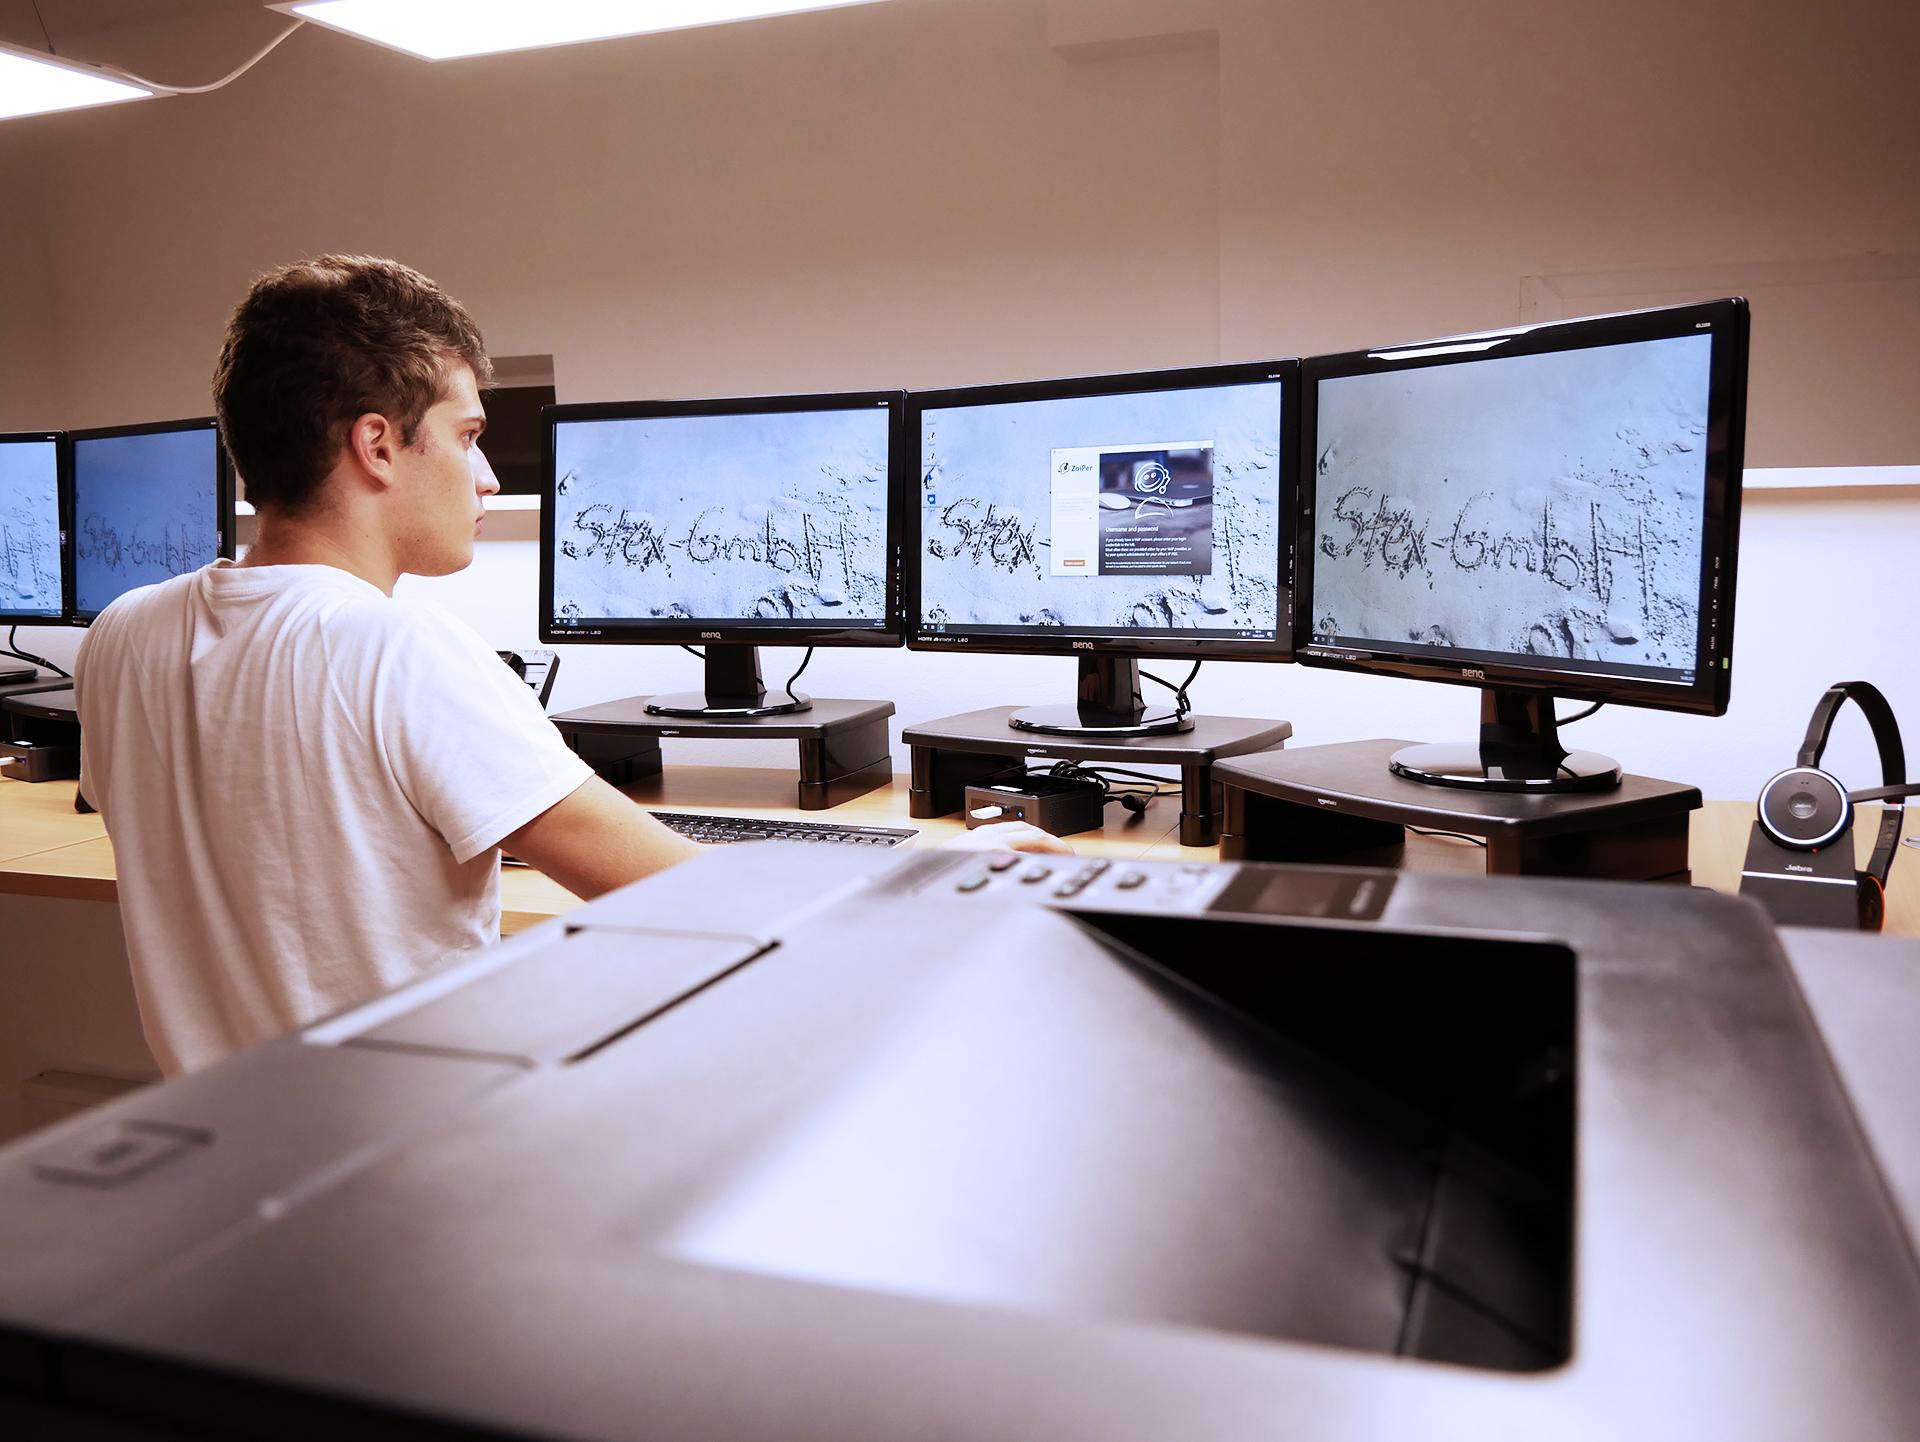 Arbeitsplatz mit drei Bildschirmen im Altag